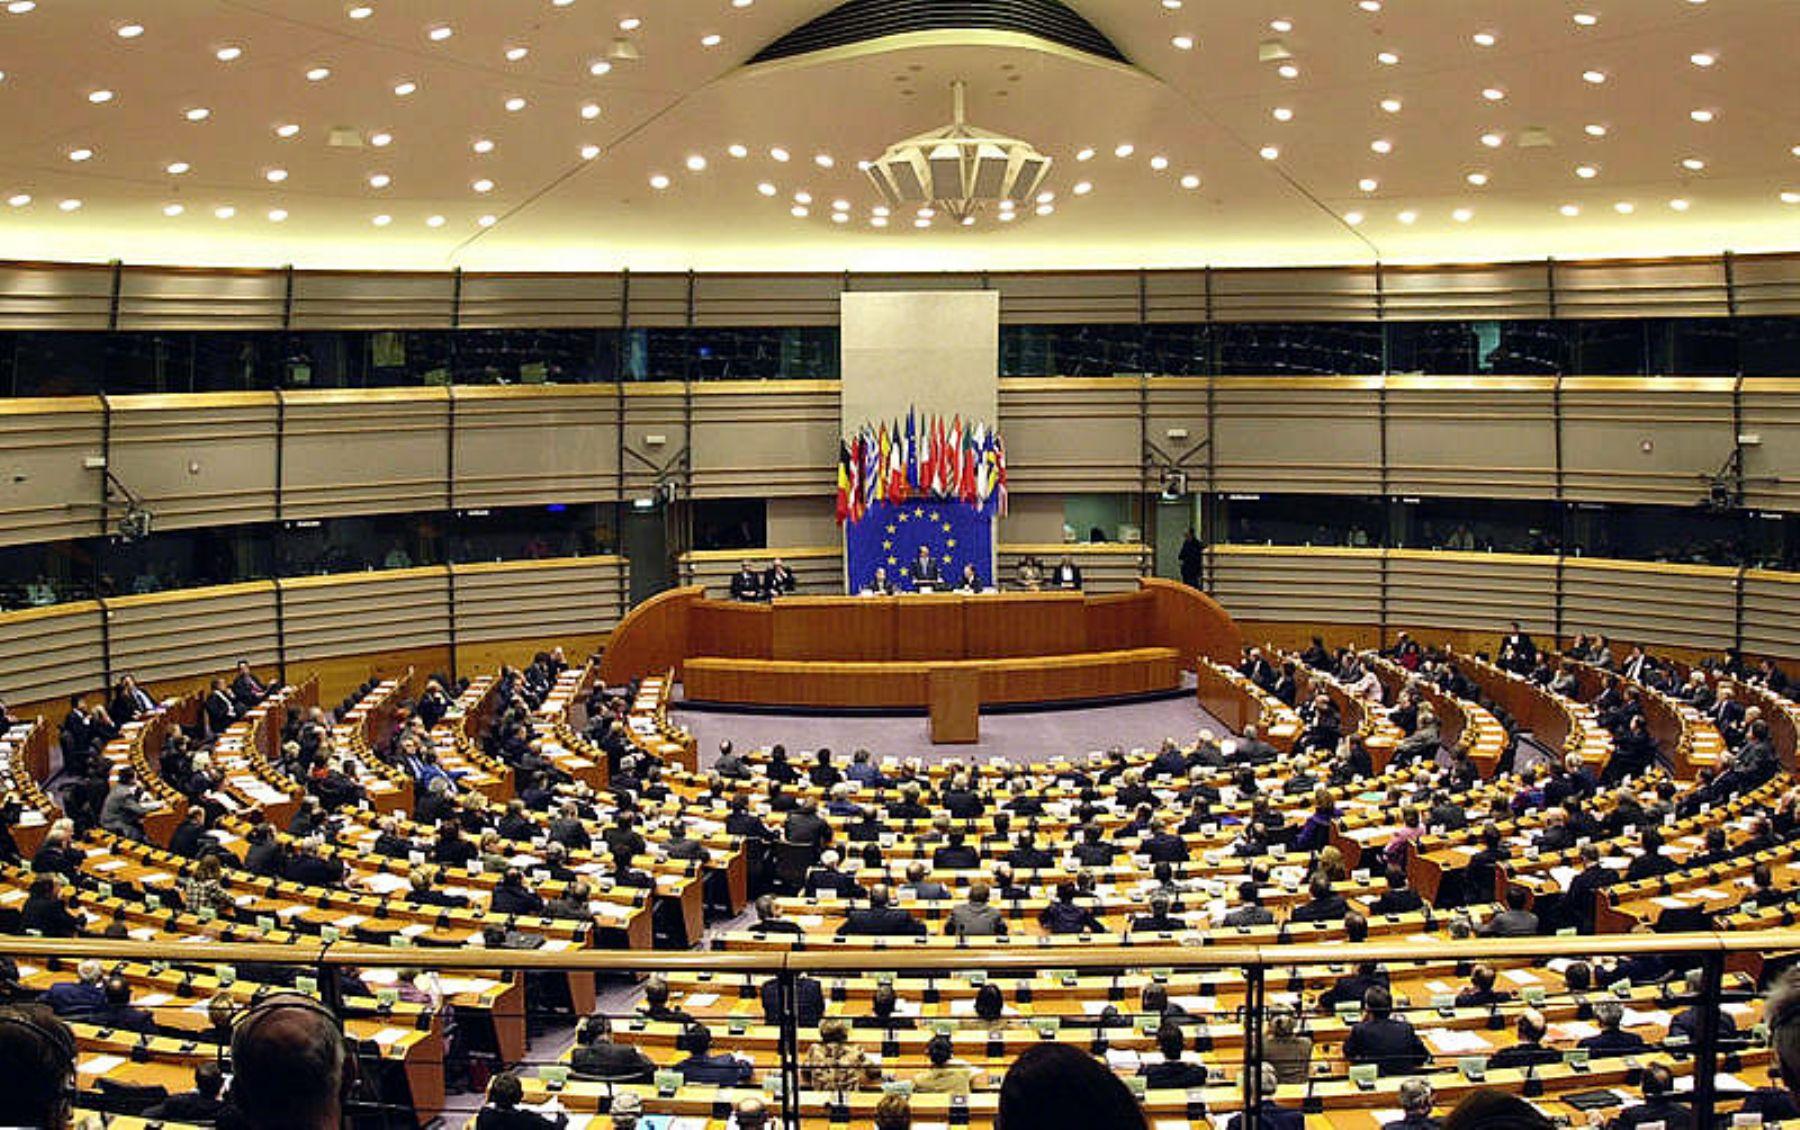 La reducción del desempleo ha sido uno de los impulsores de la economía europea.